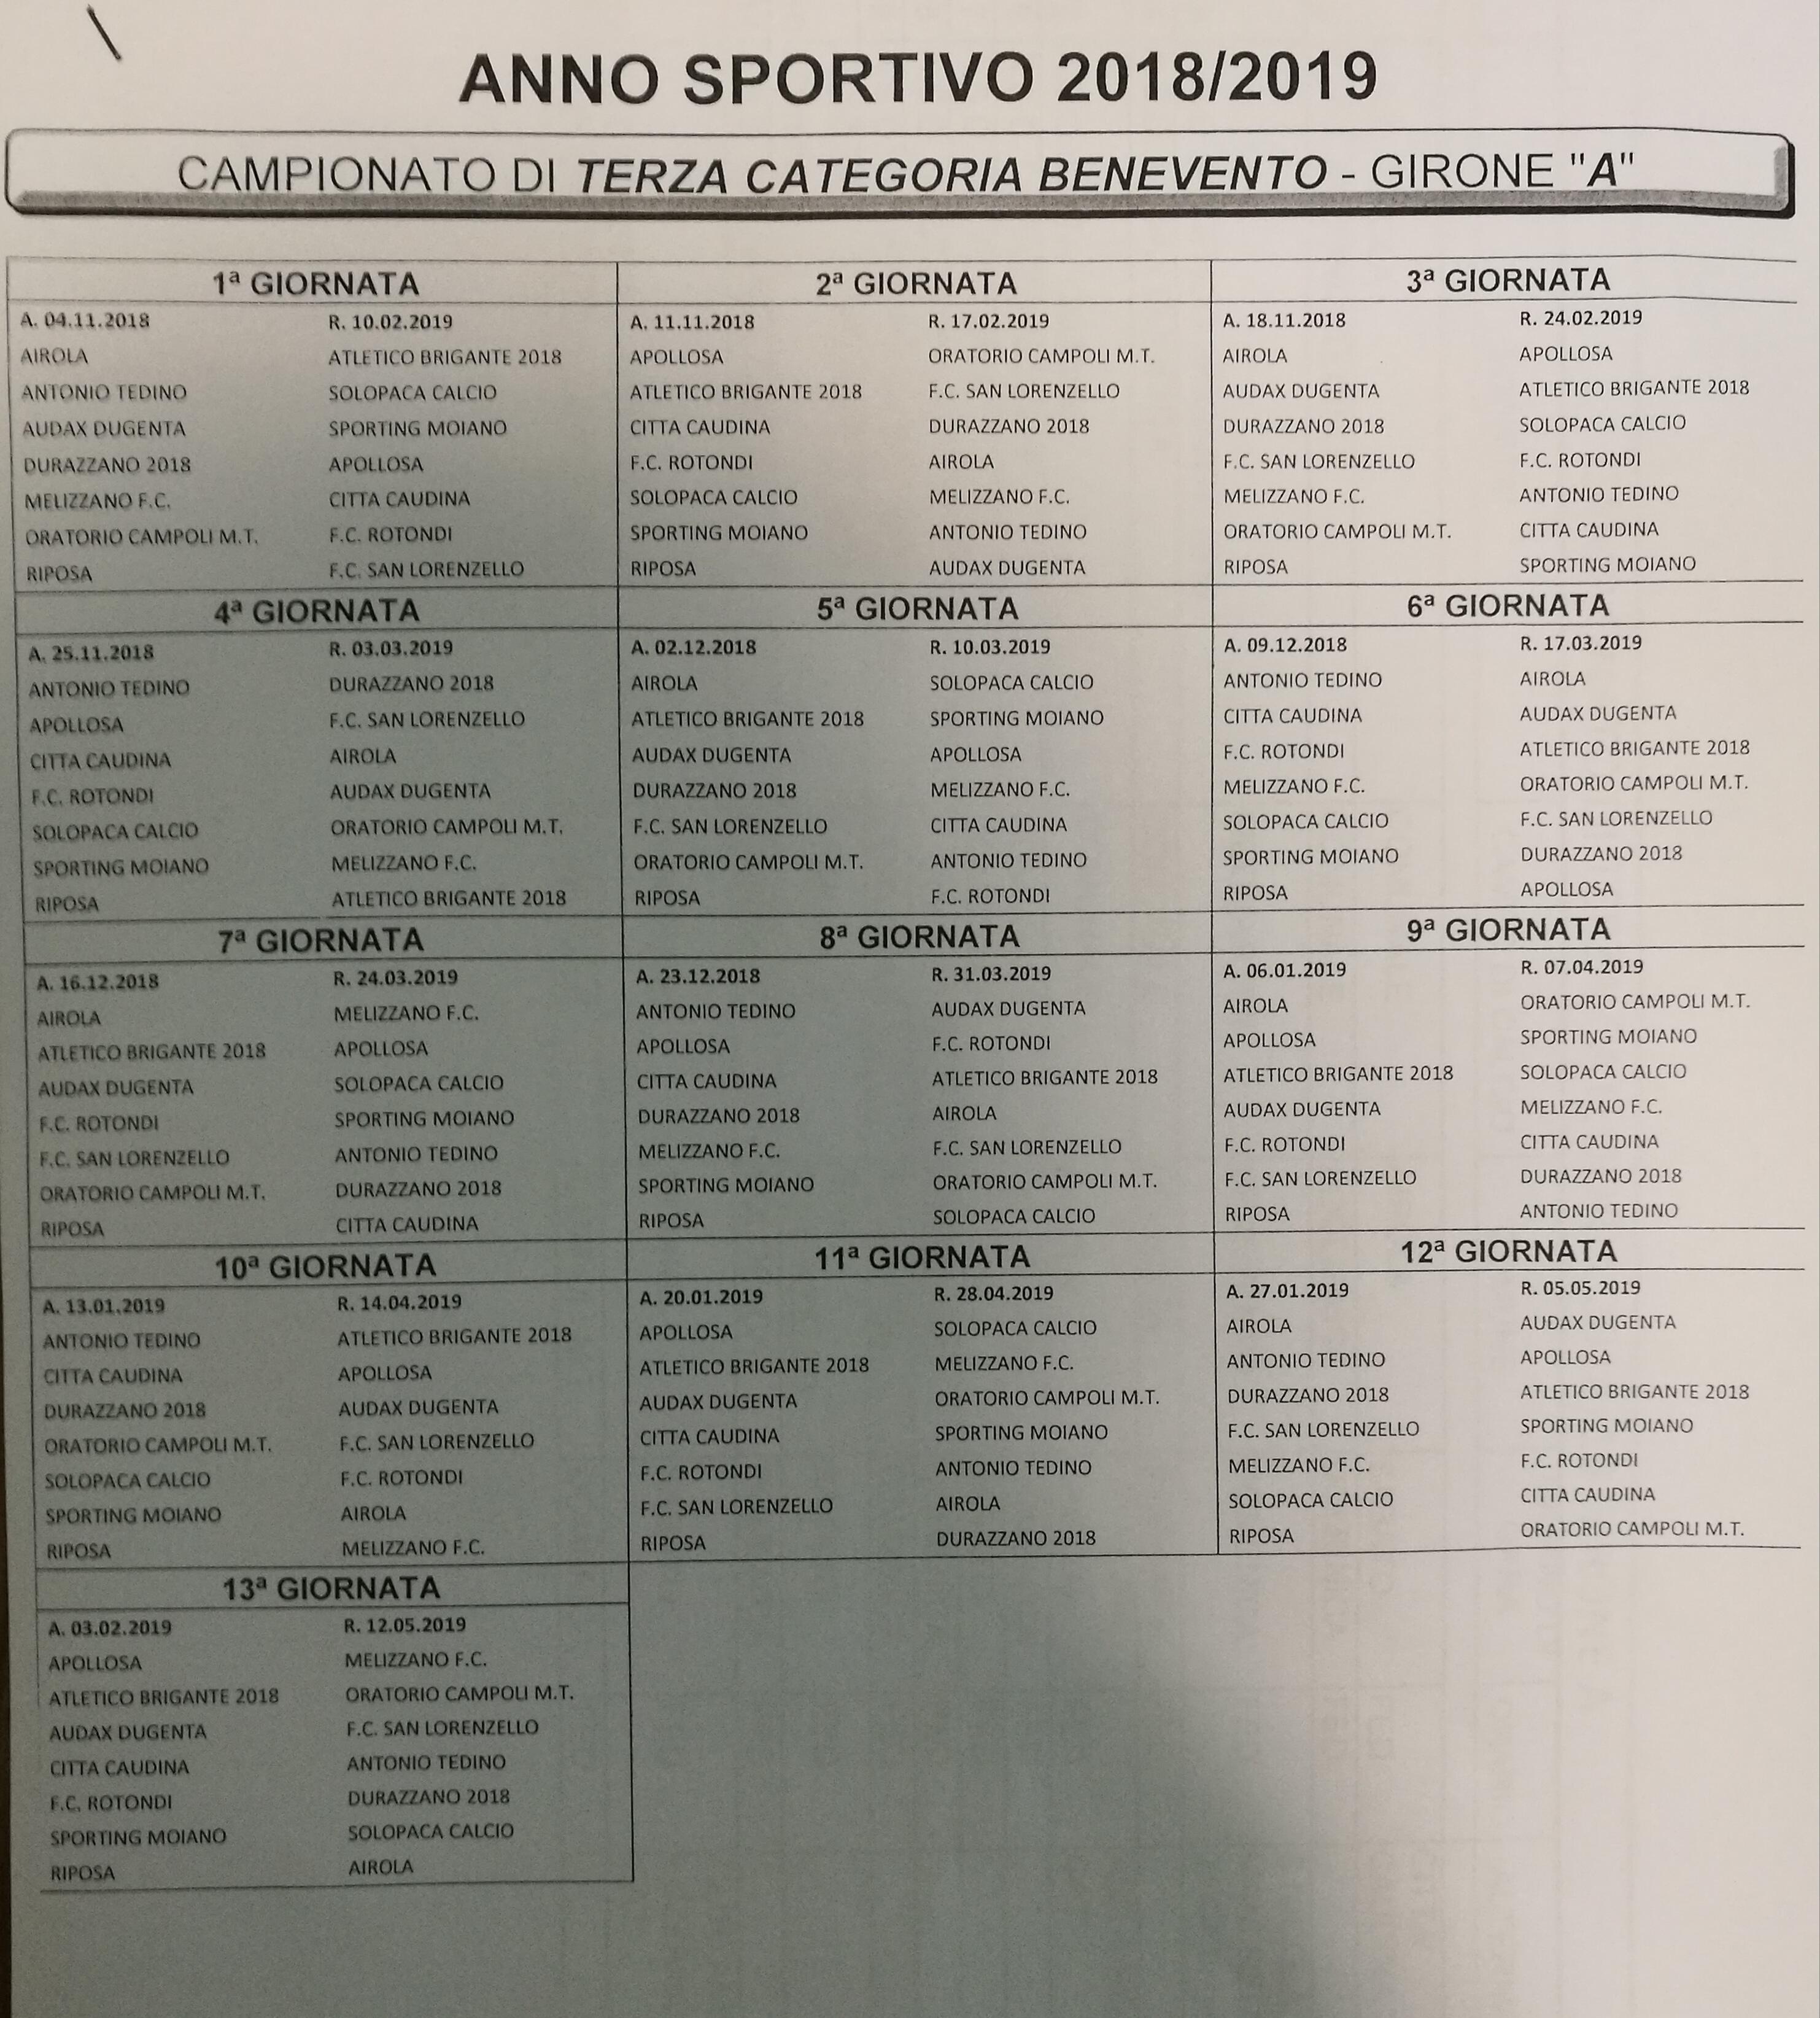 Benevento Calendario.Terza Categoria Benevento Girone A Calendario Completo 2018